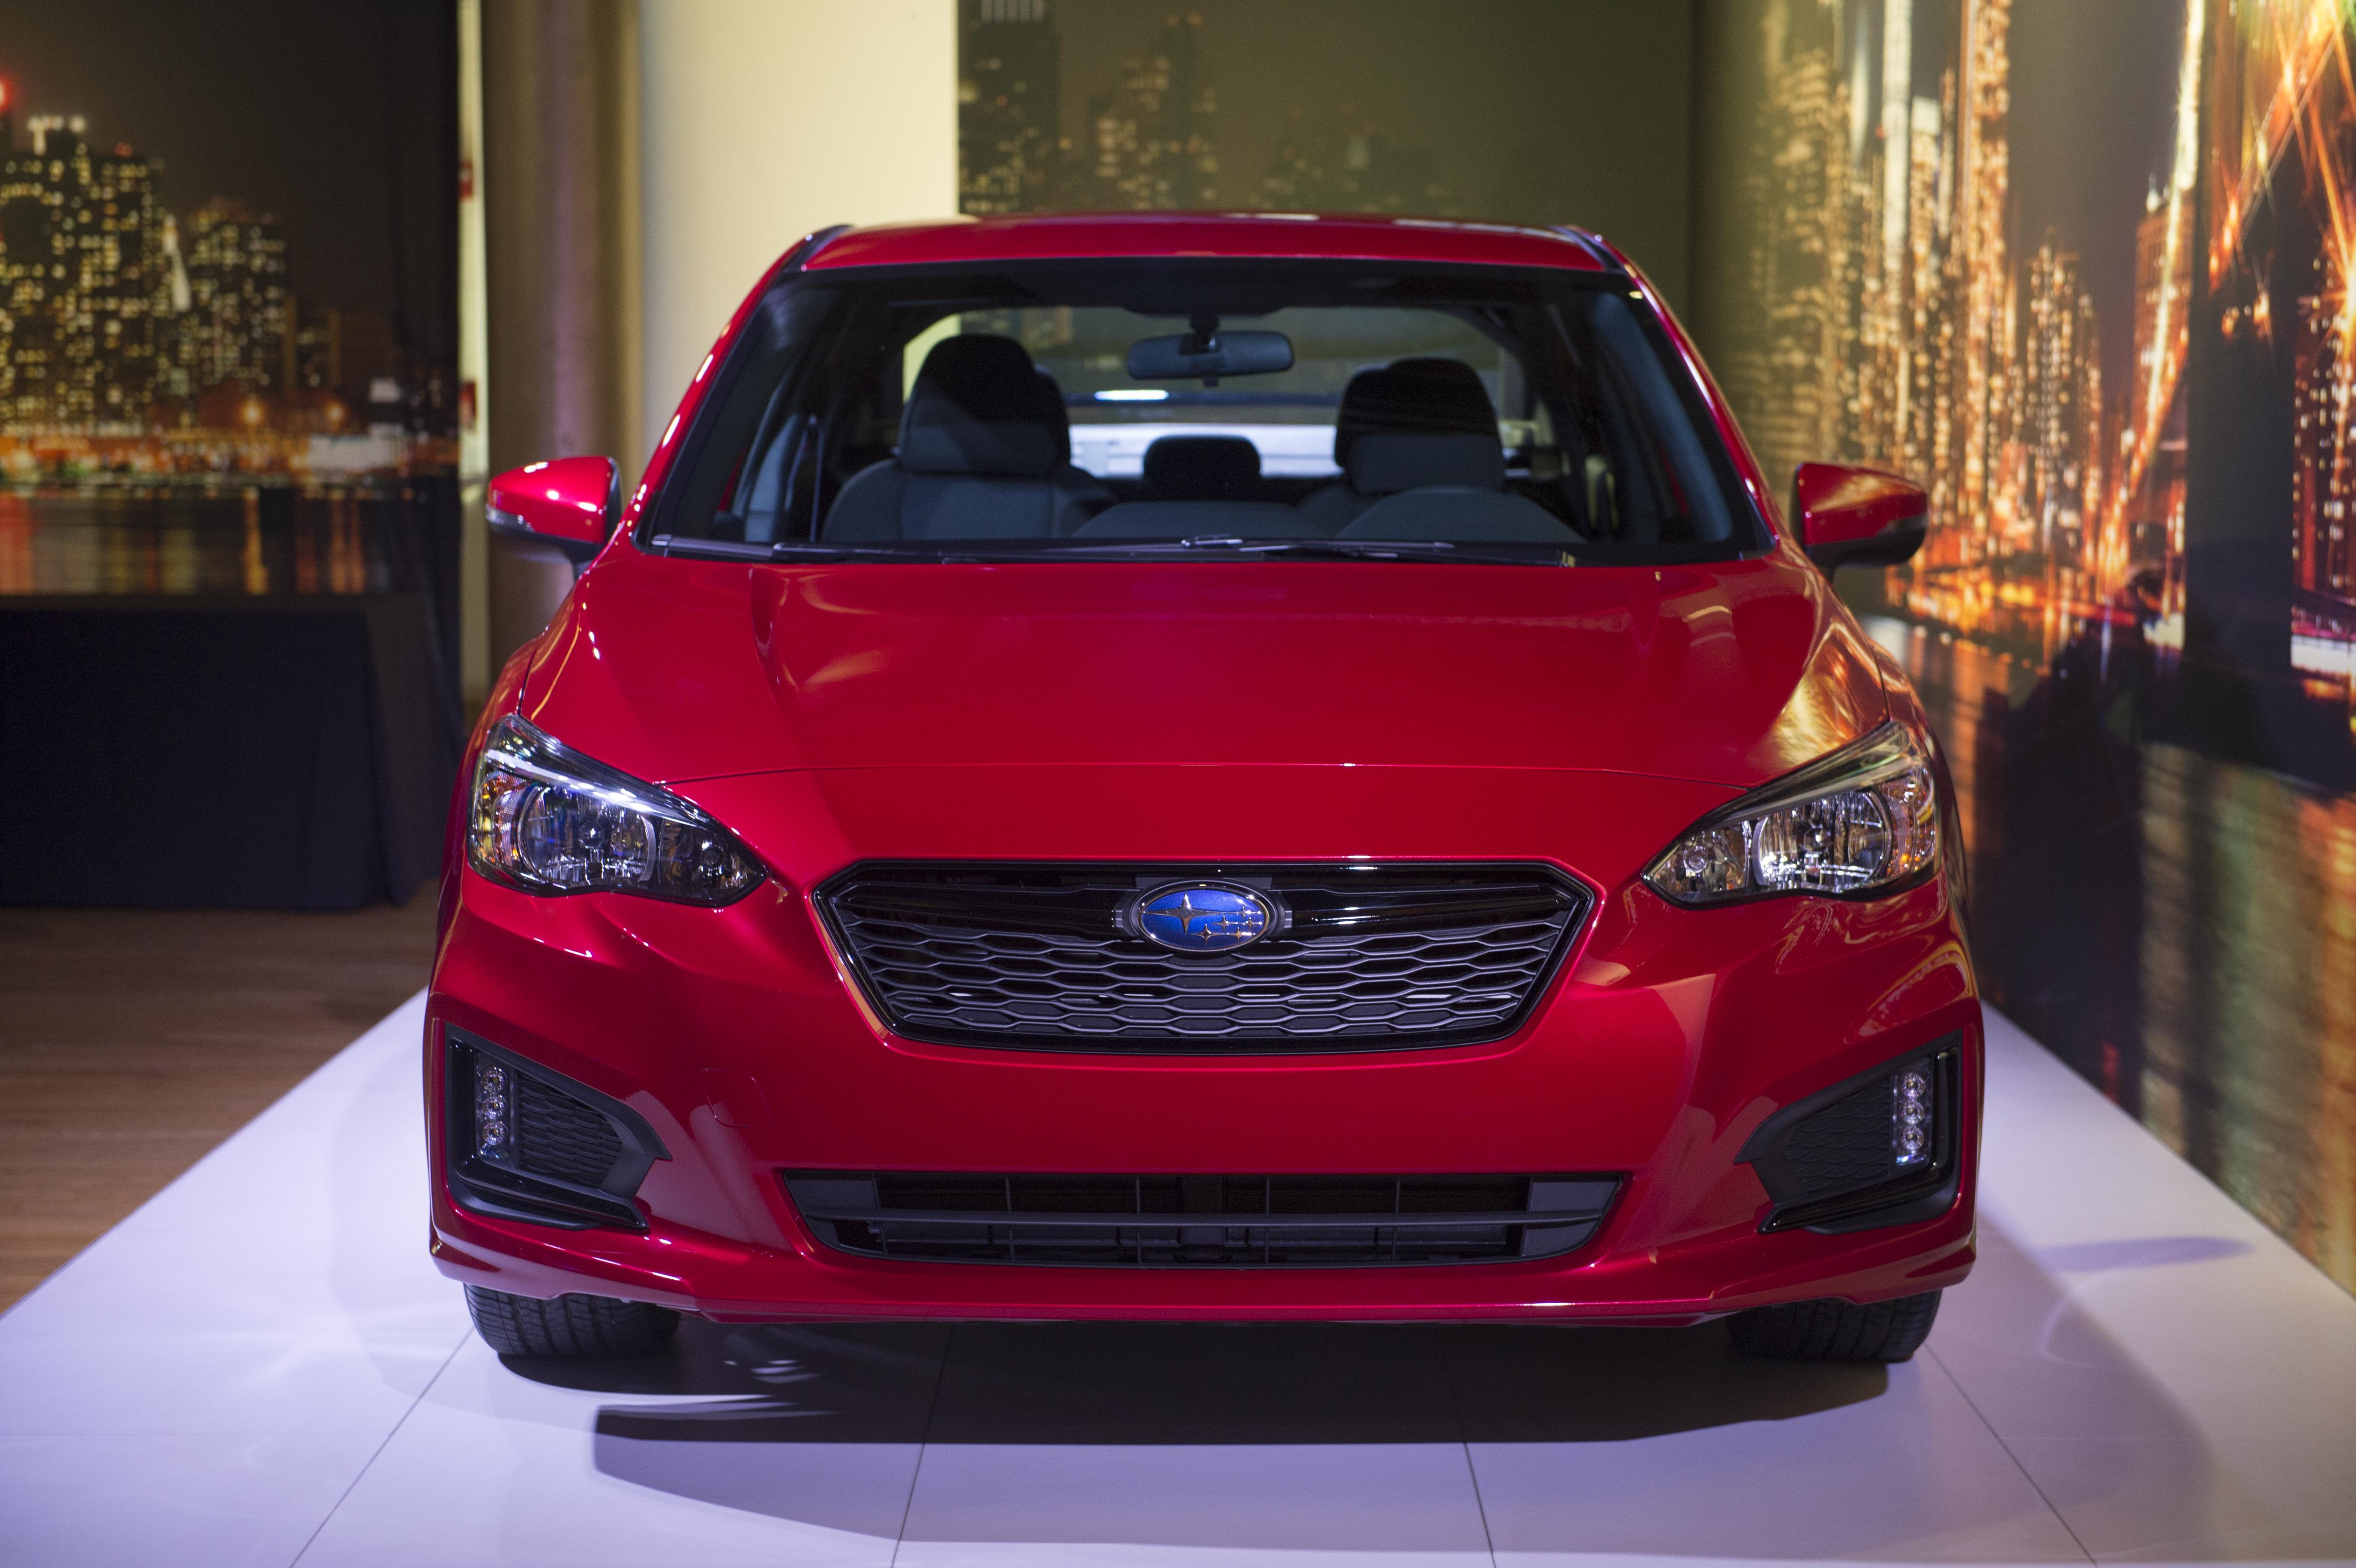 Novo Subaru Impreza sedã